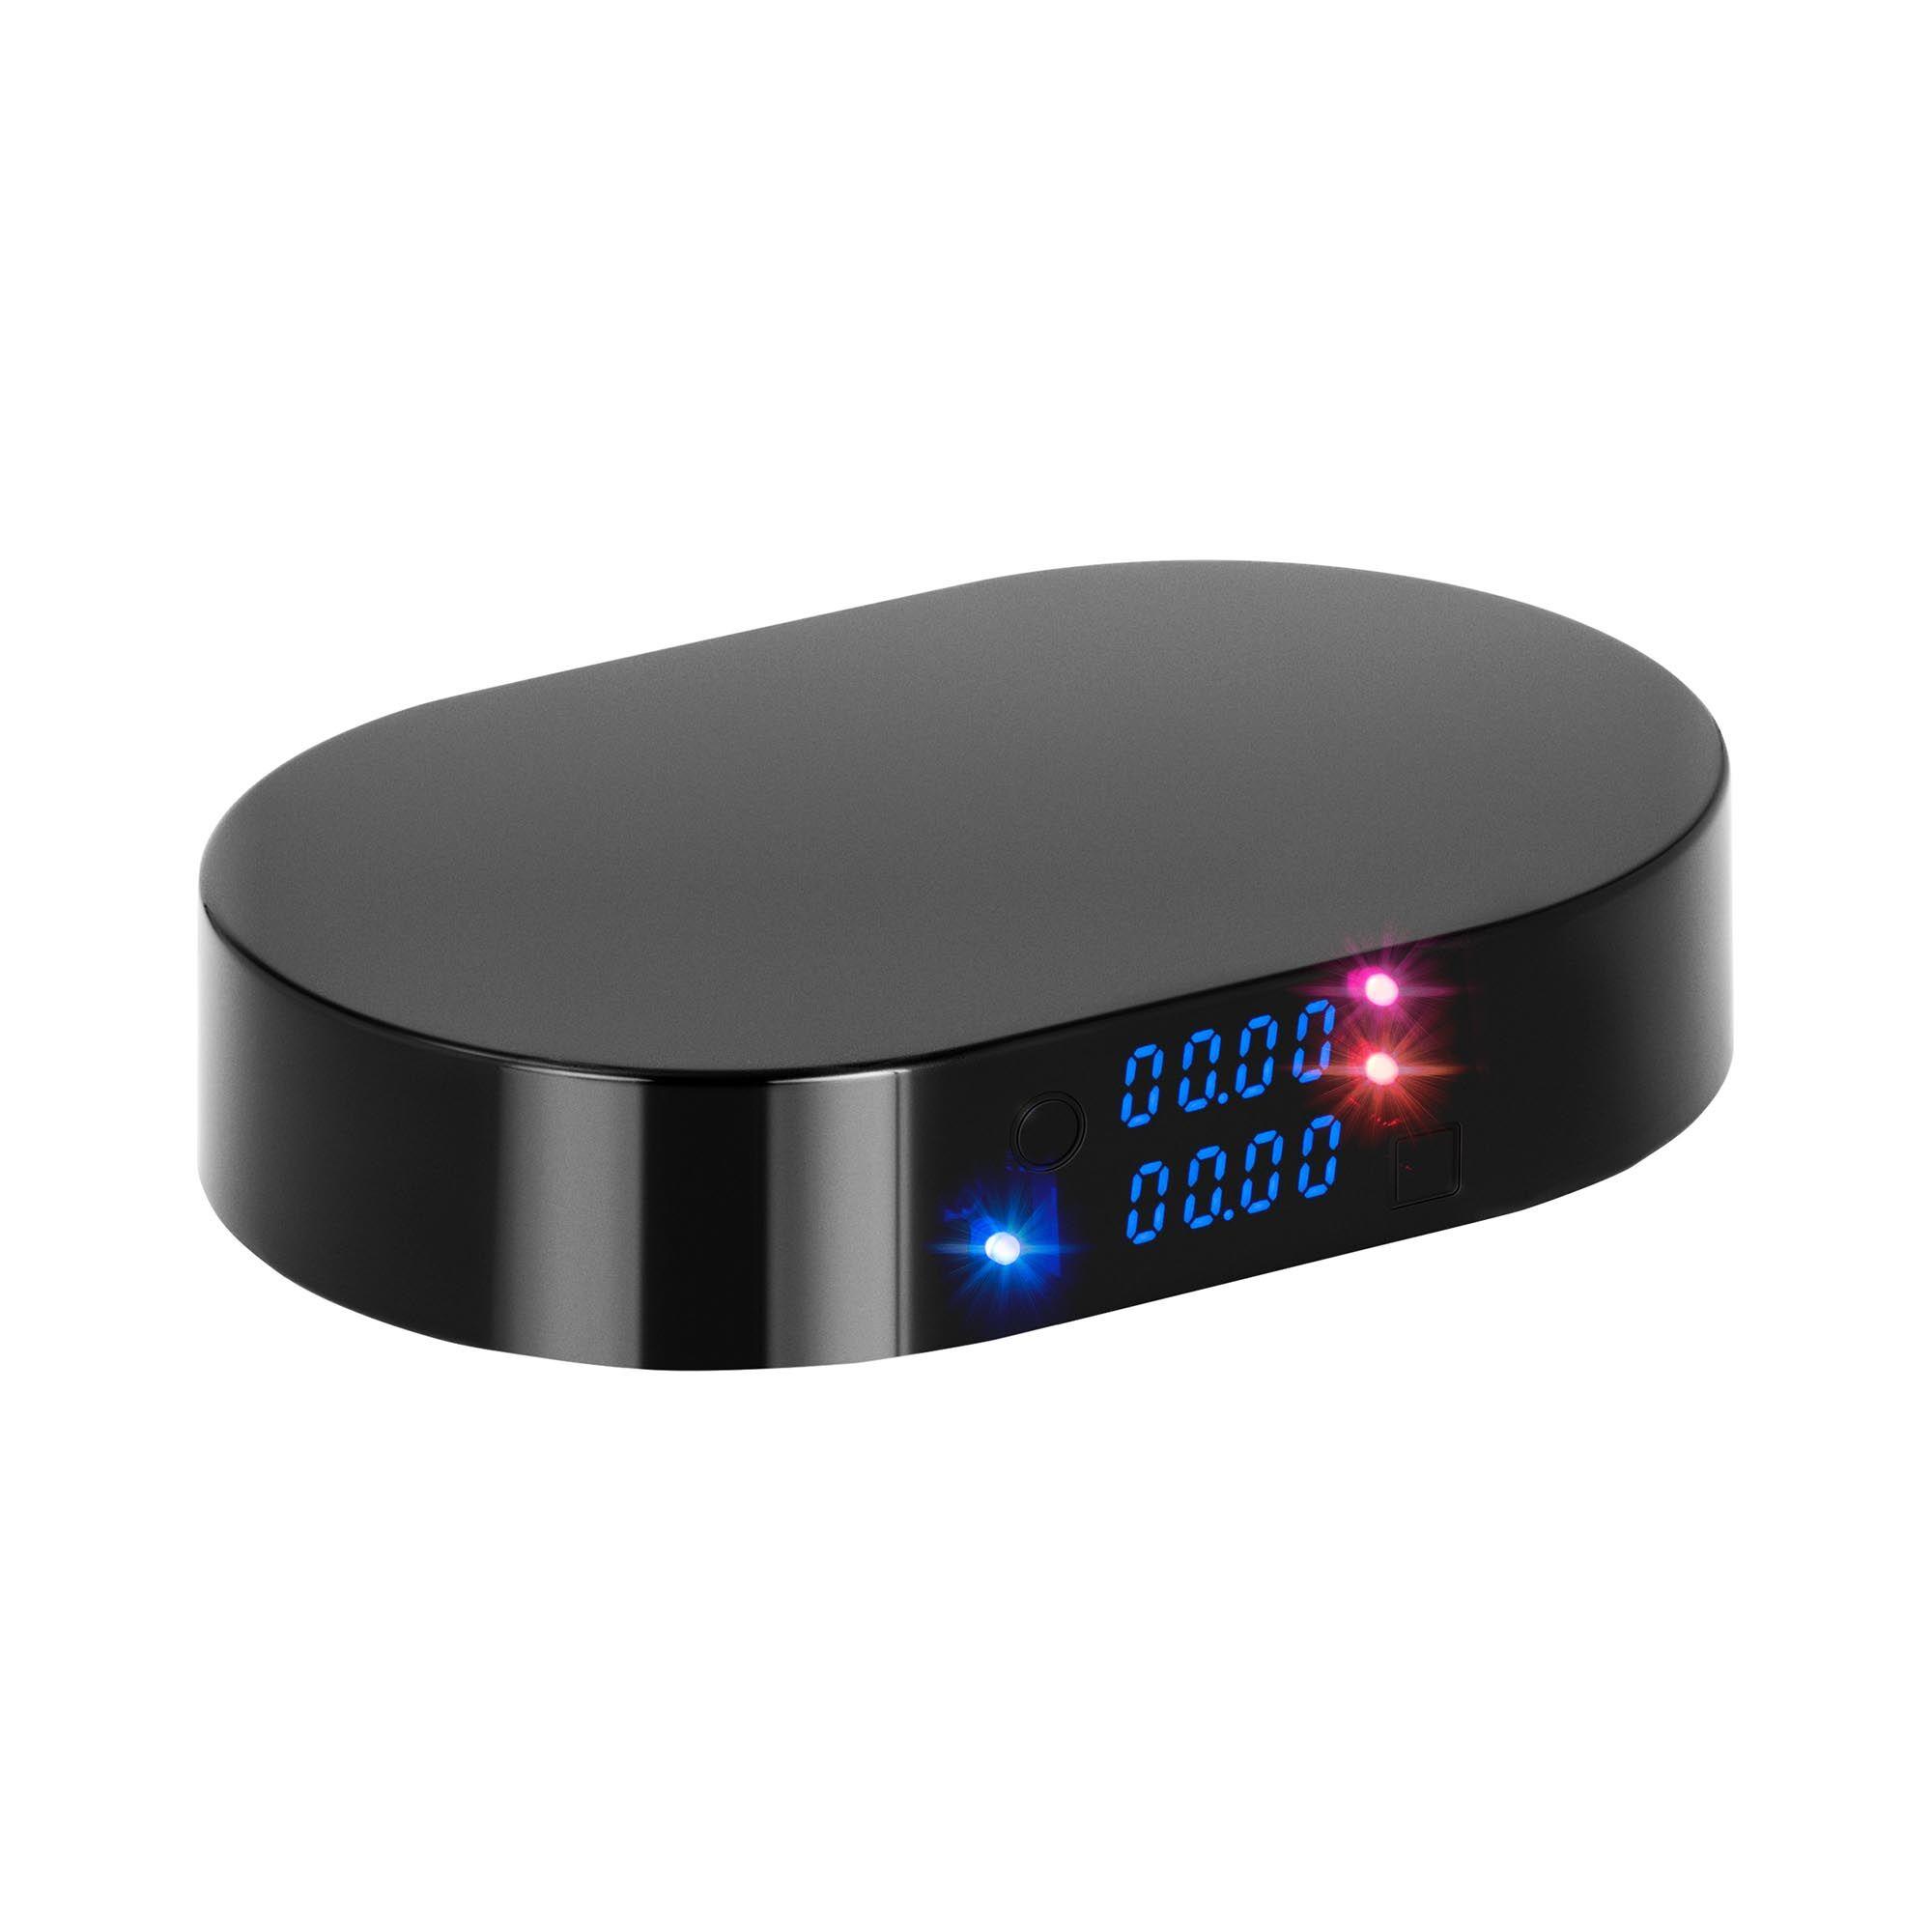 Steinberg Systems Kaffevægt - 2 kg - 1 g / 500 g - 158 x 103 mm - Bluetooth - timer SBS-CS-2000E